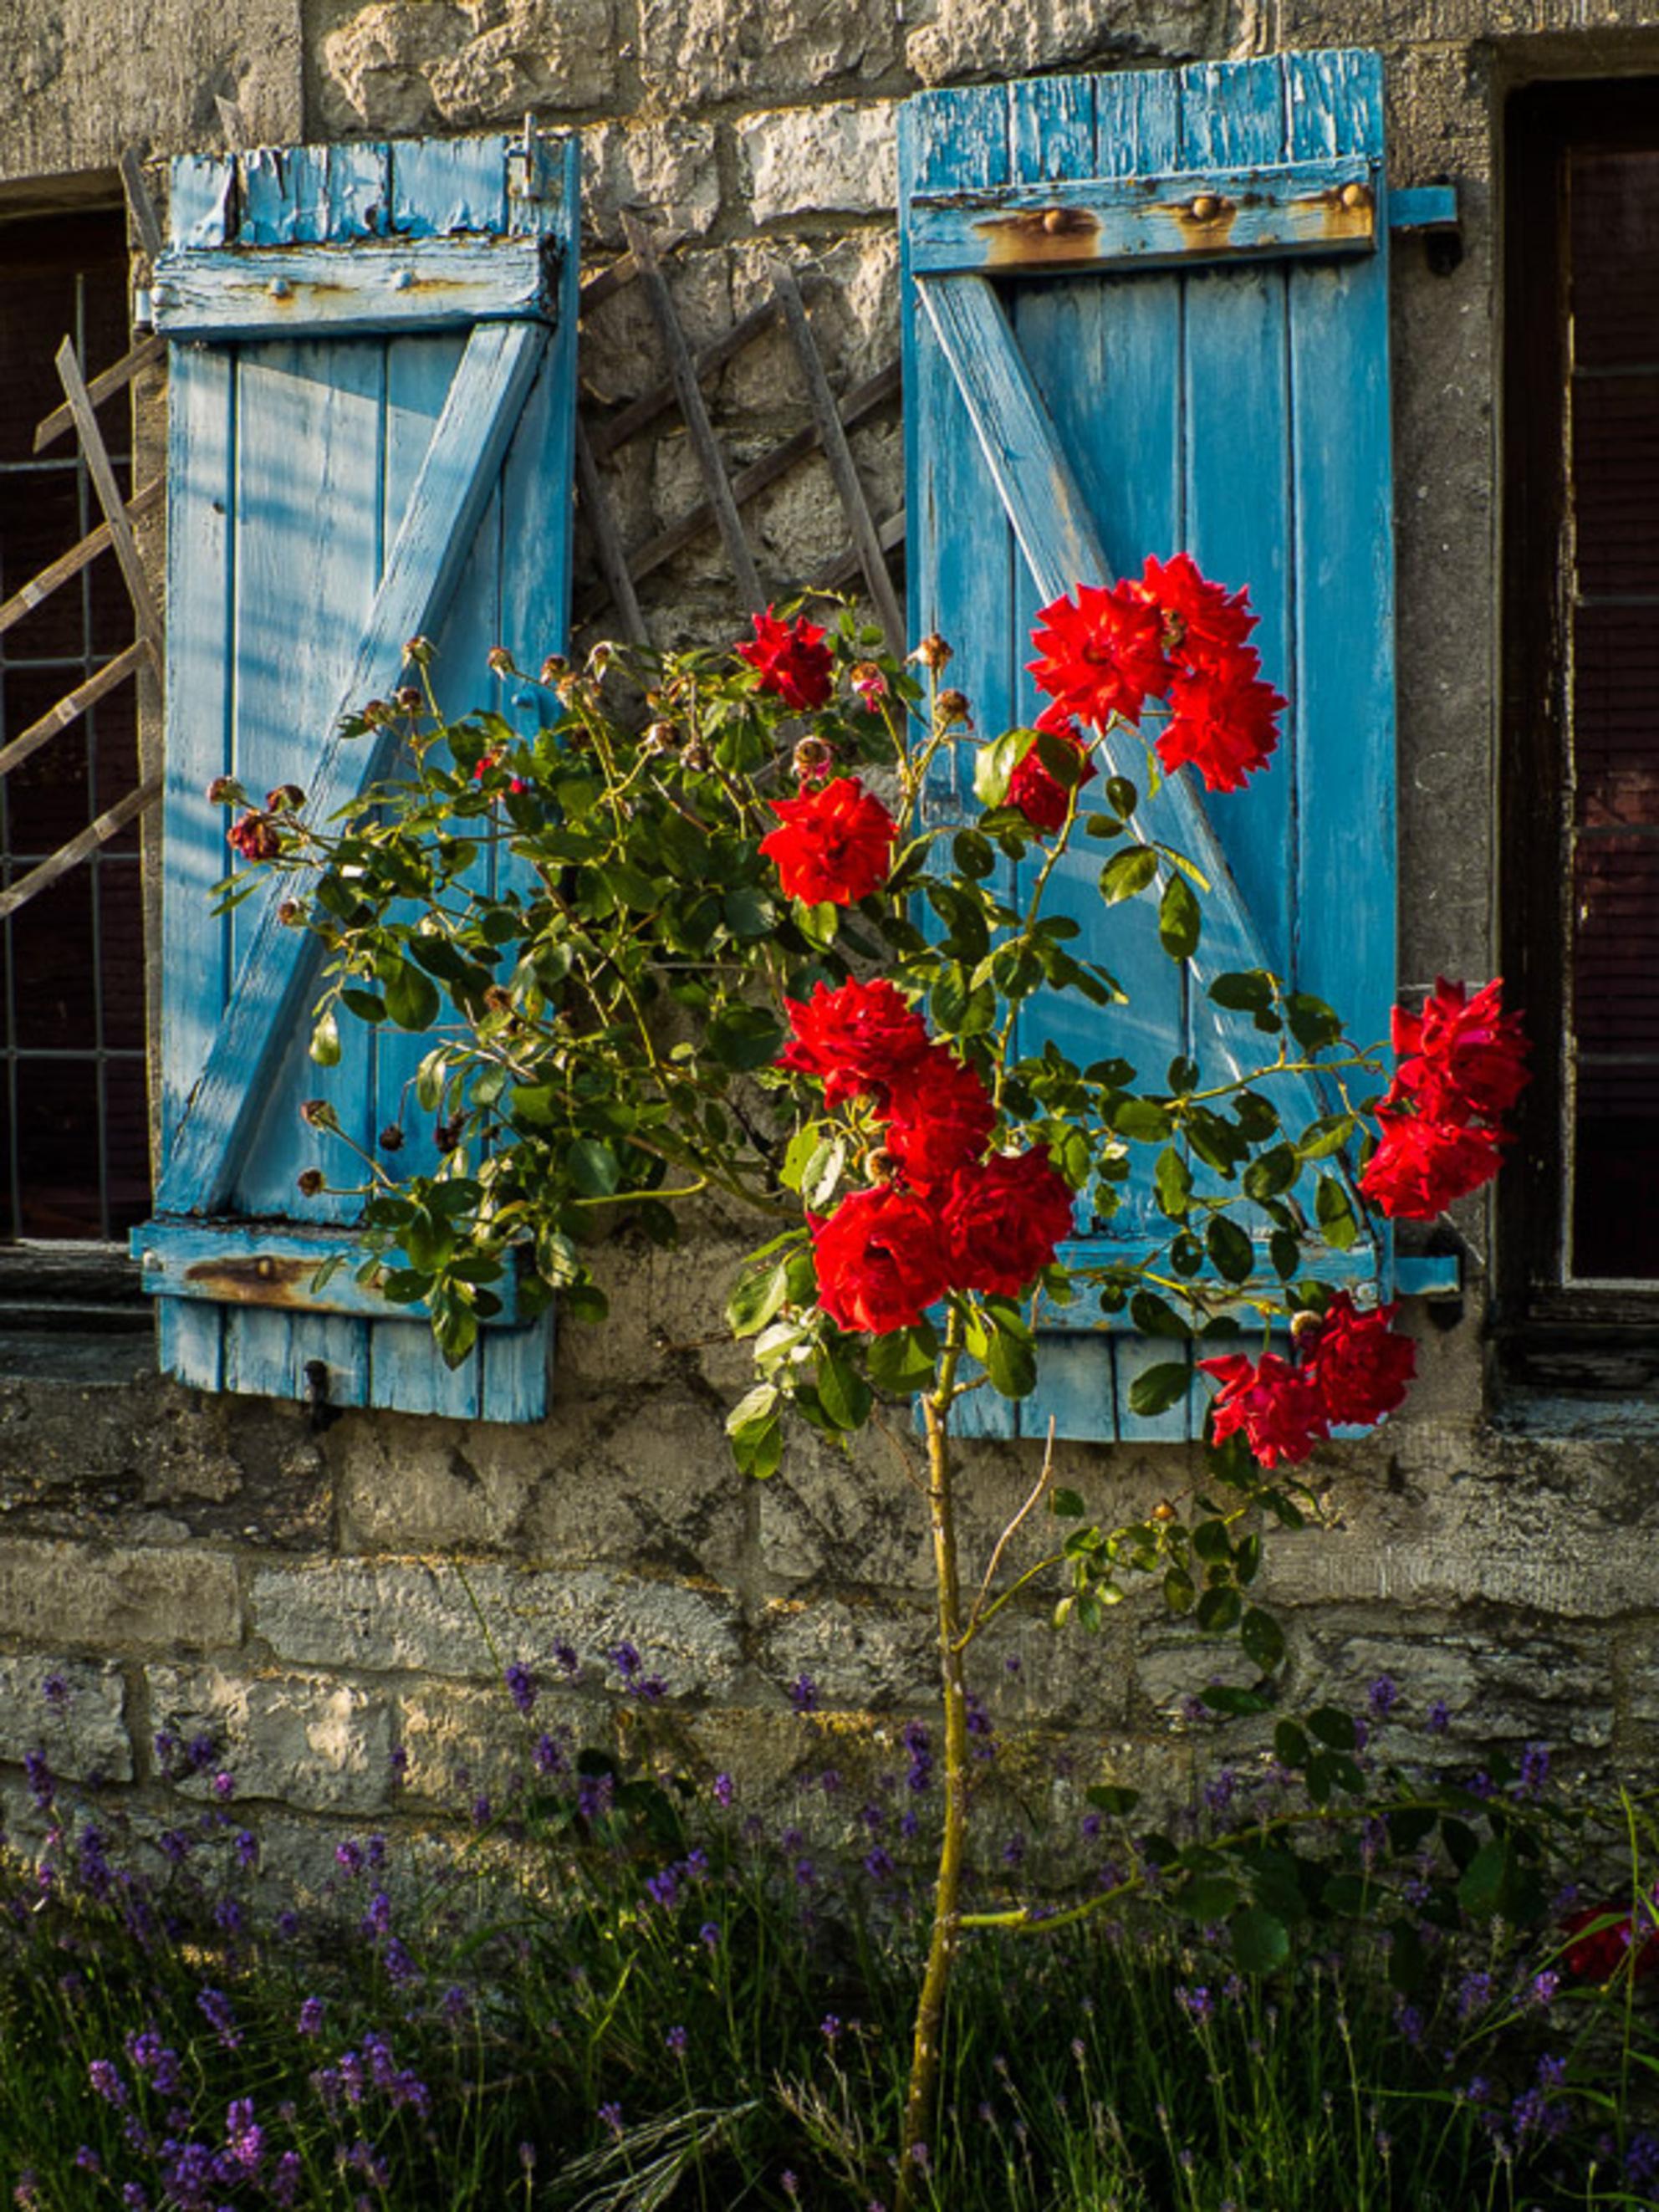 blauwe luiken.jpg - blauwe luiken. - foto door pnueindelijkook op 05-07-2014 - deze foto bevat: bloem, natuur, tuin, voorjaar - Deze foto mag gebruikt worden in een Zoom.nl publicatie